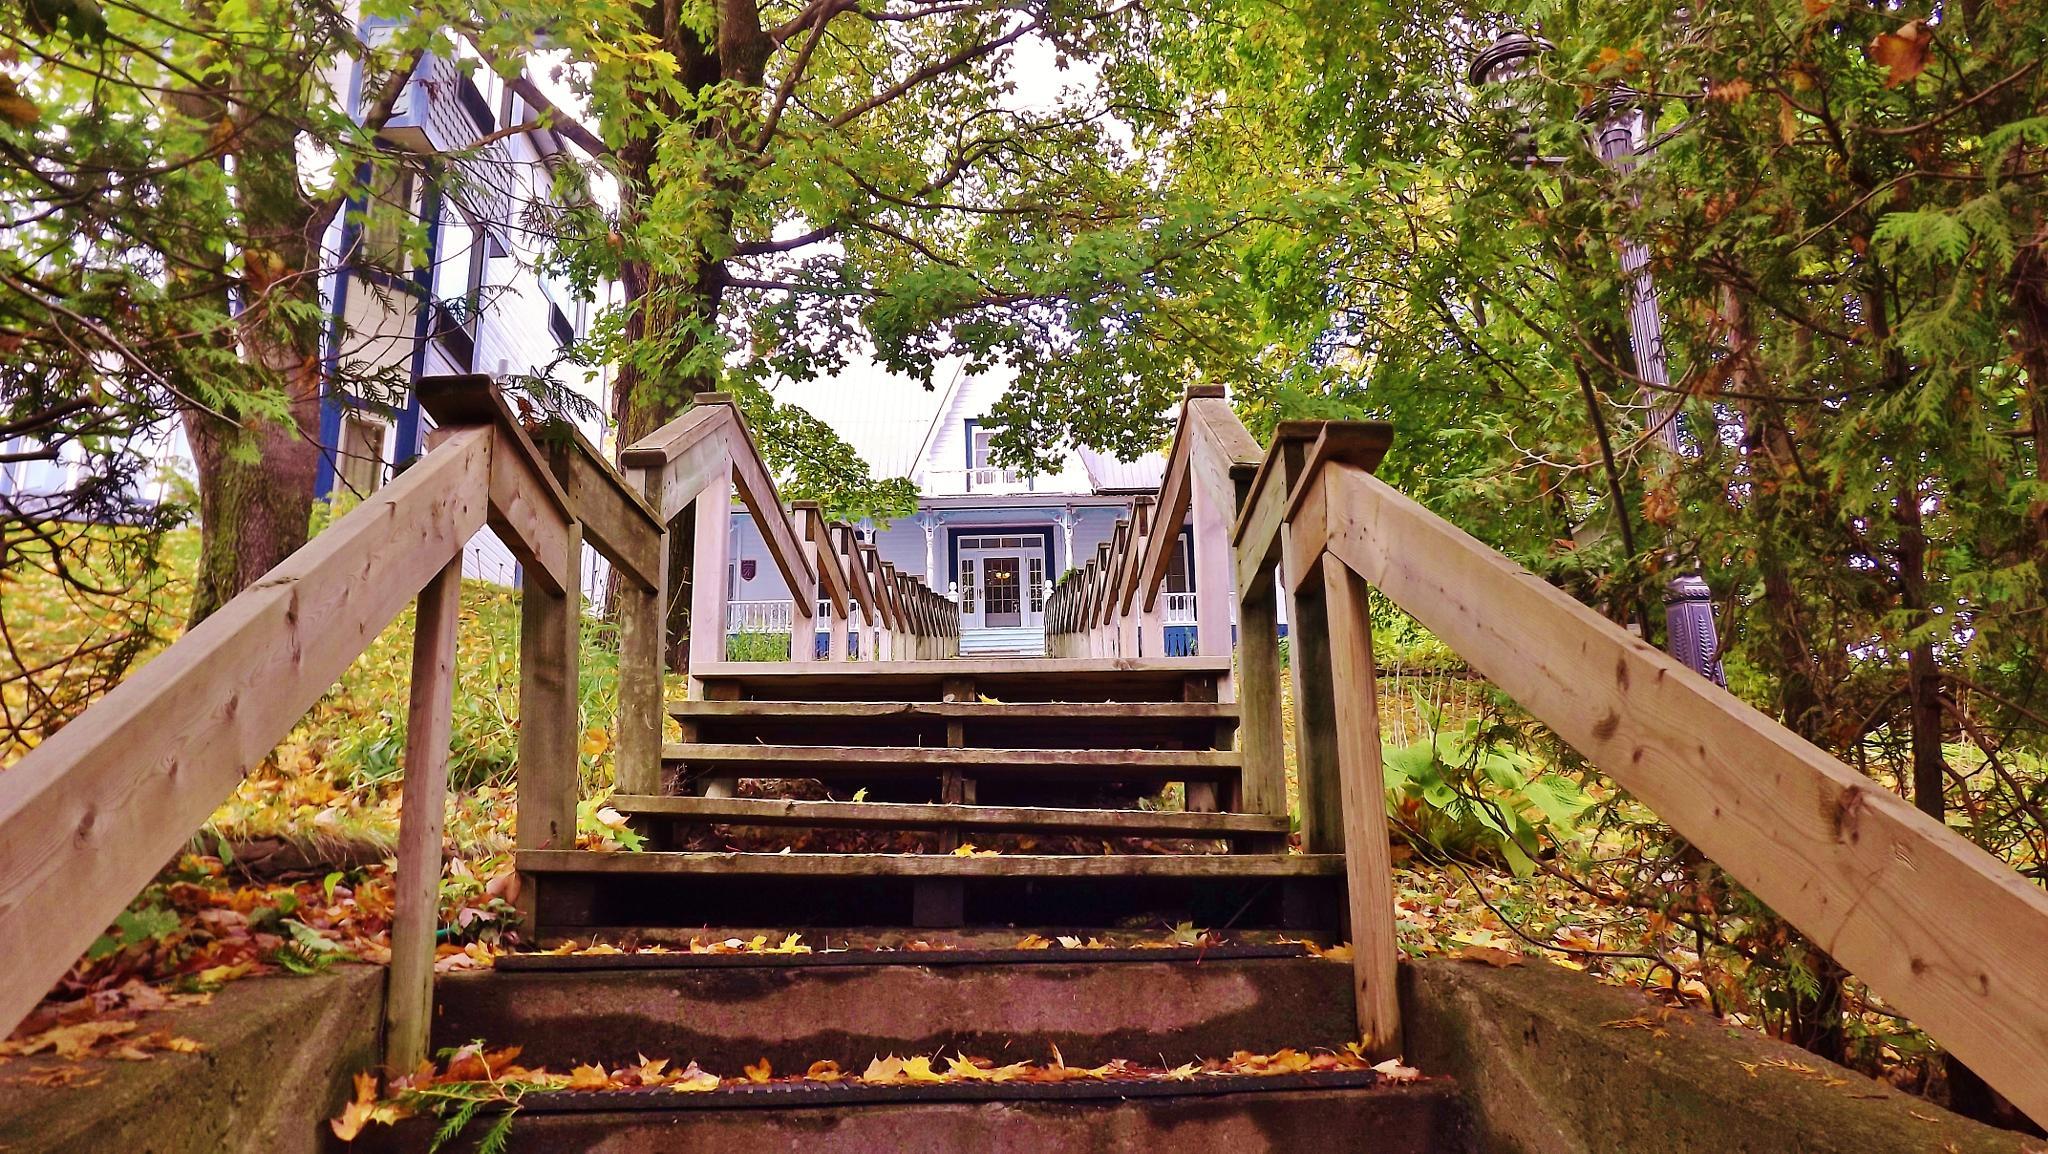 Wood stairs Gaspé Gaspésie by real.michaud.5036